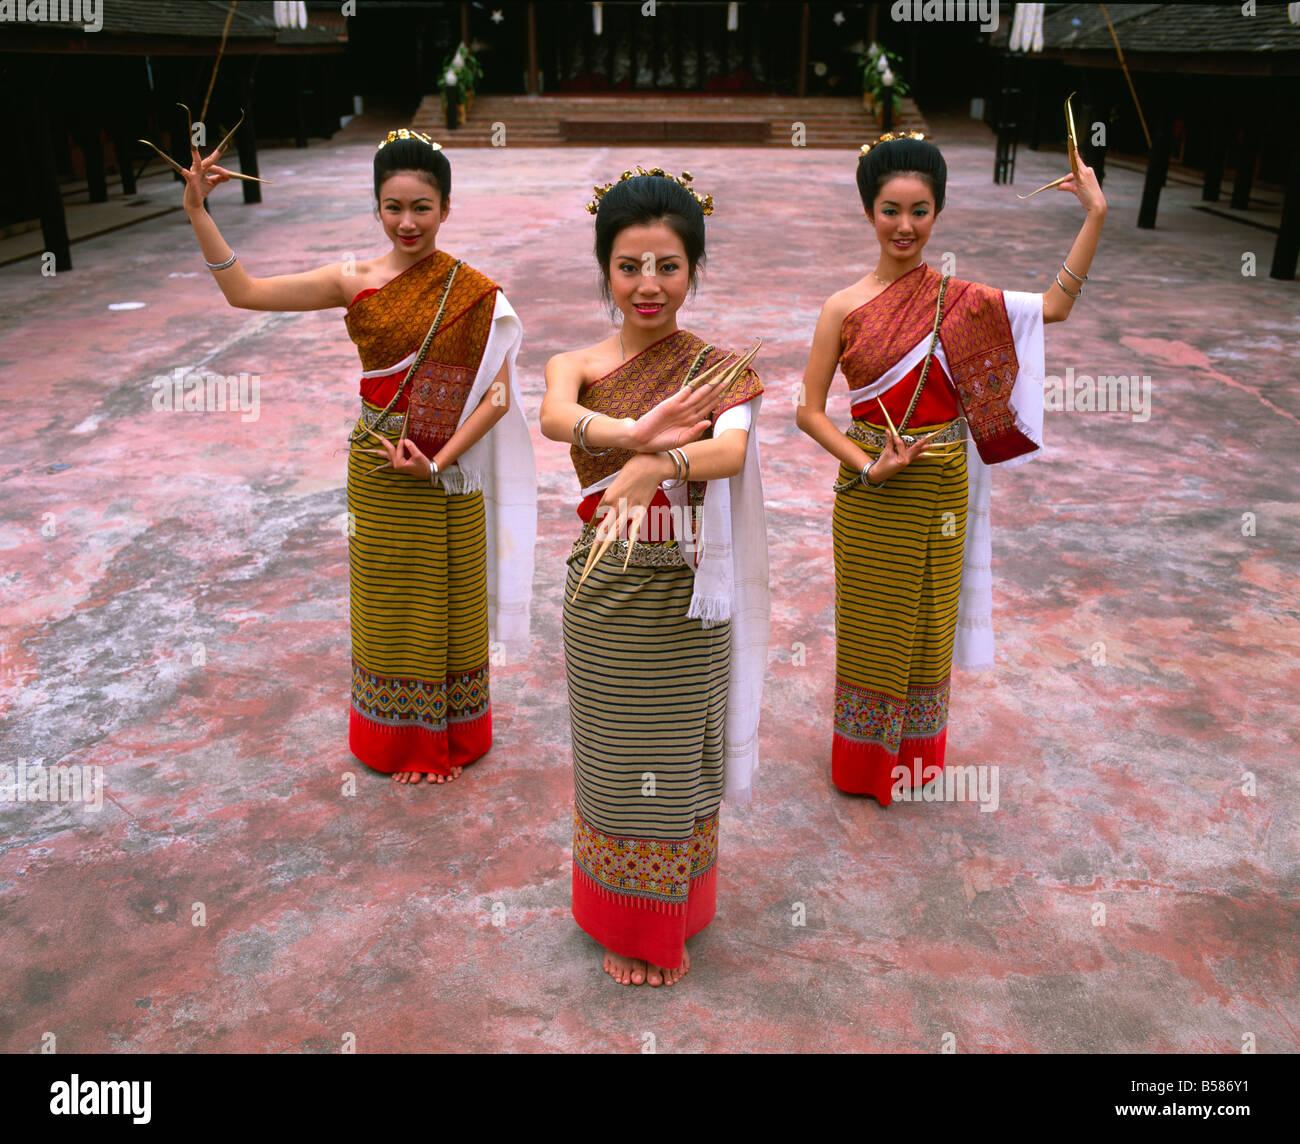 Retrato de tres mujeres en traje tradicional tailandés, Chiang Mai, Tailandia, en el sudeste de Asia, Asia Imagen De Stock